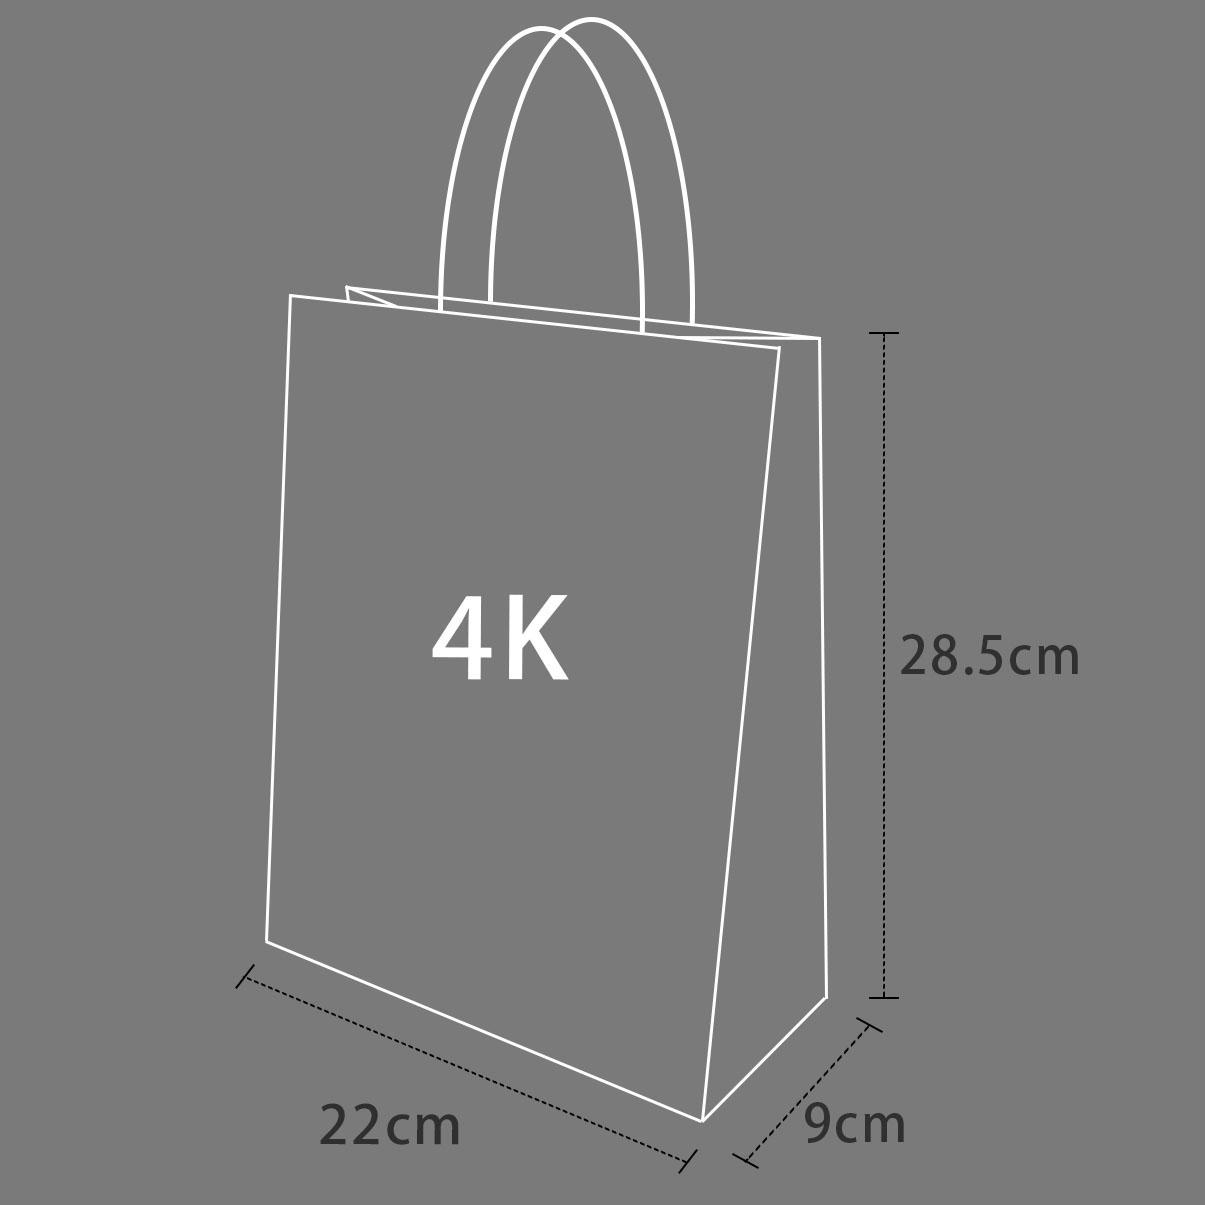 《袋袋相傳》M9 春節紙袋-福袋4K紙袋.jpg